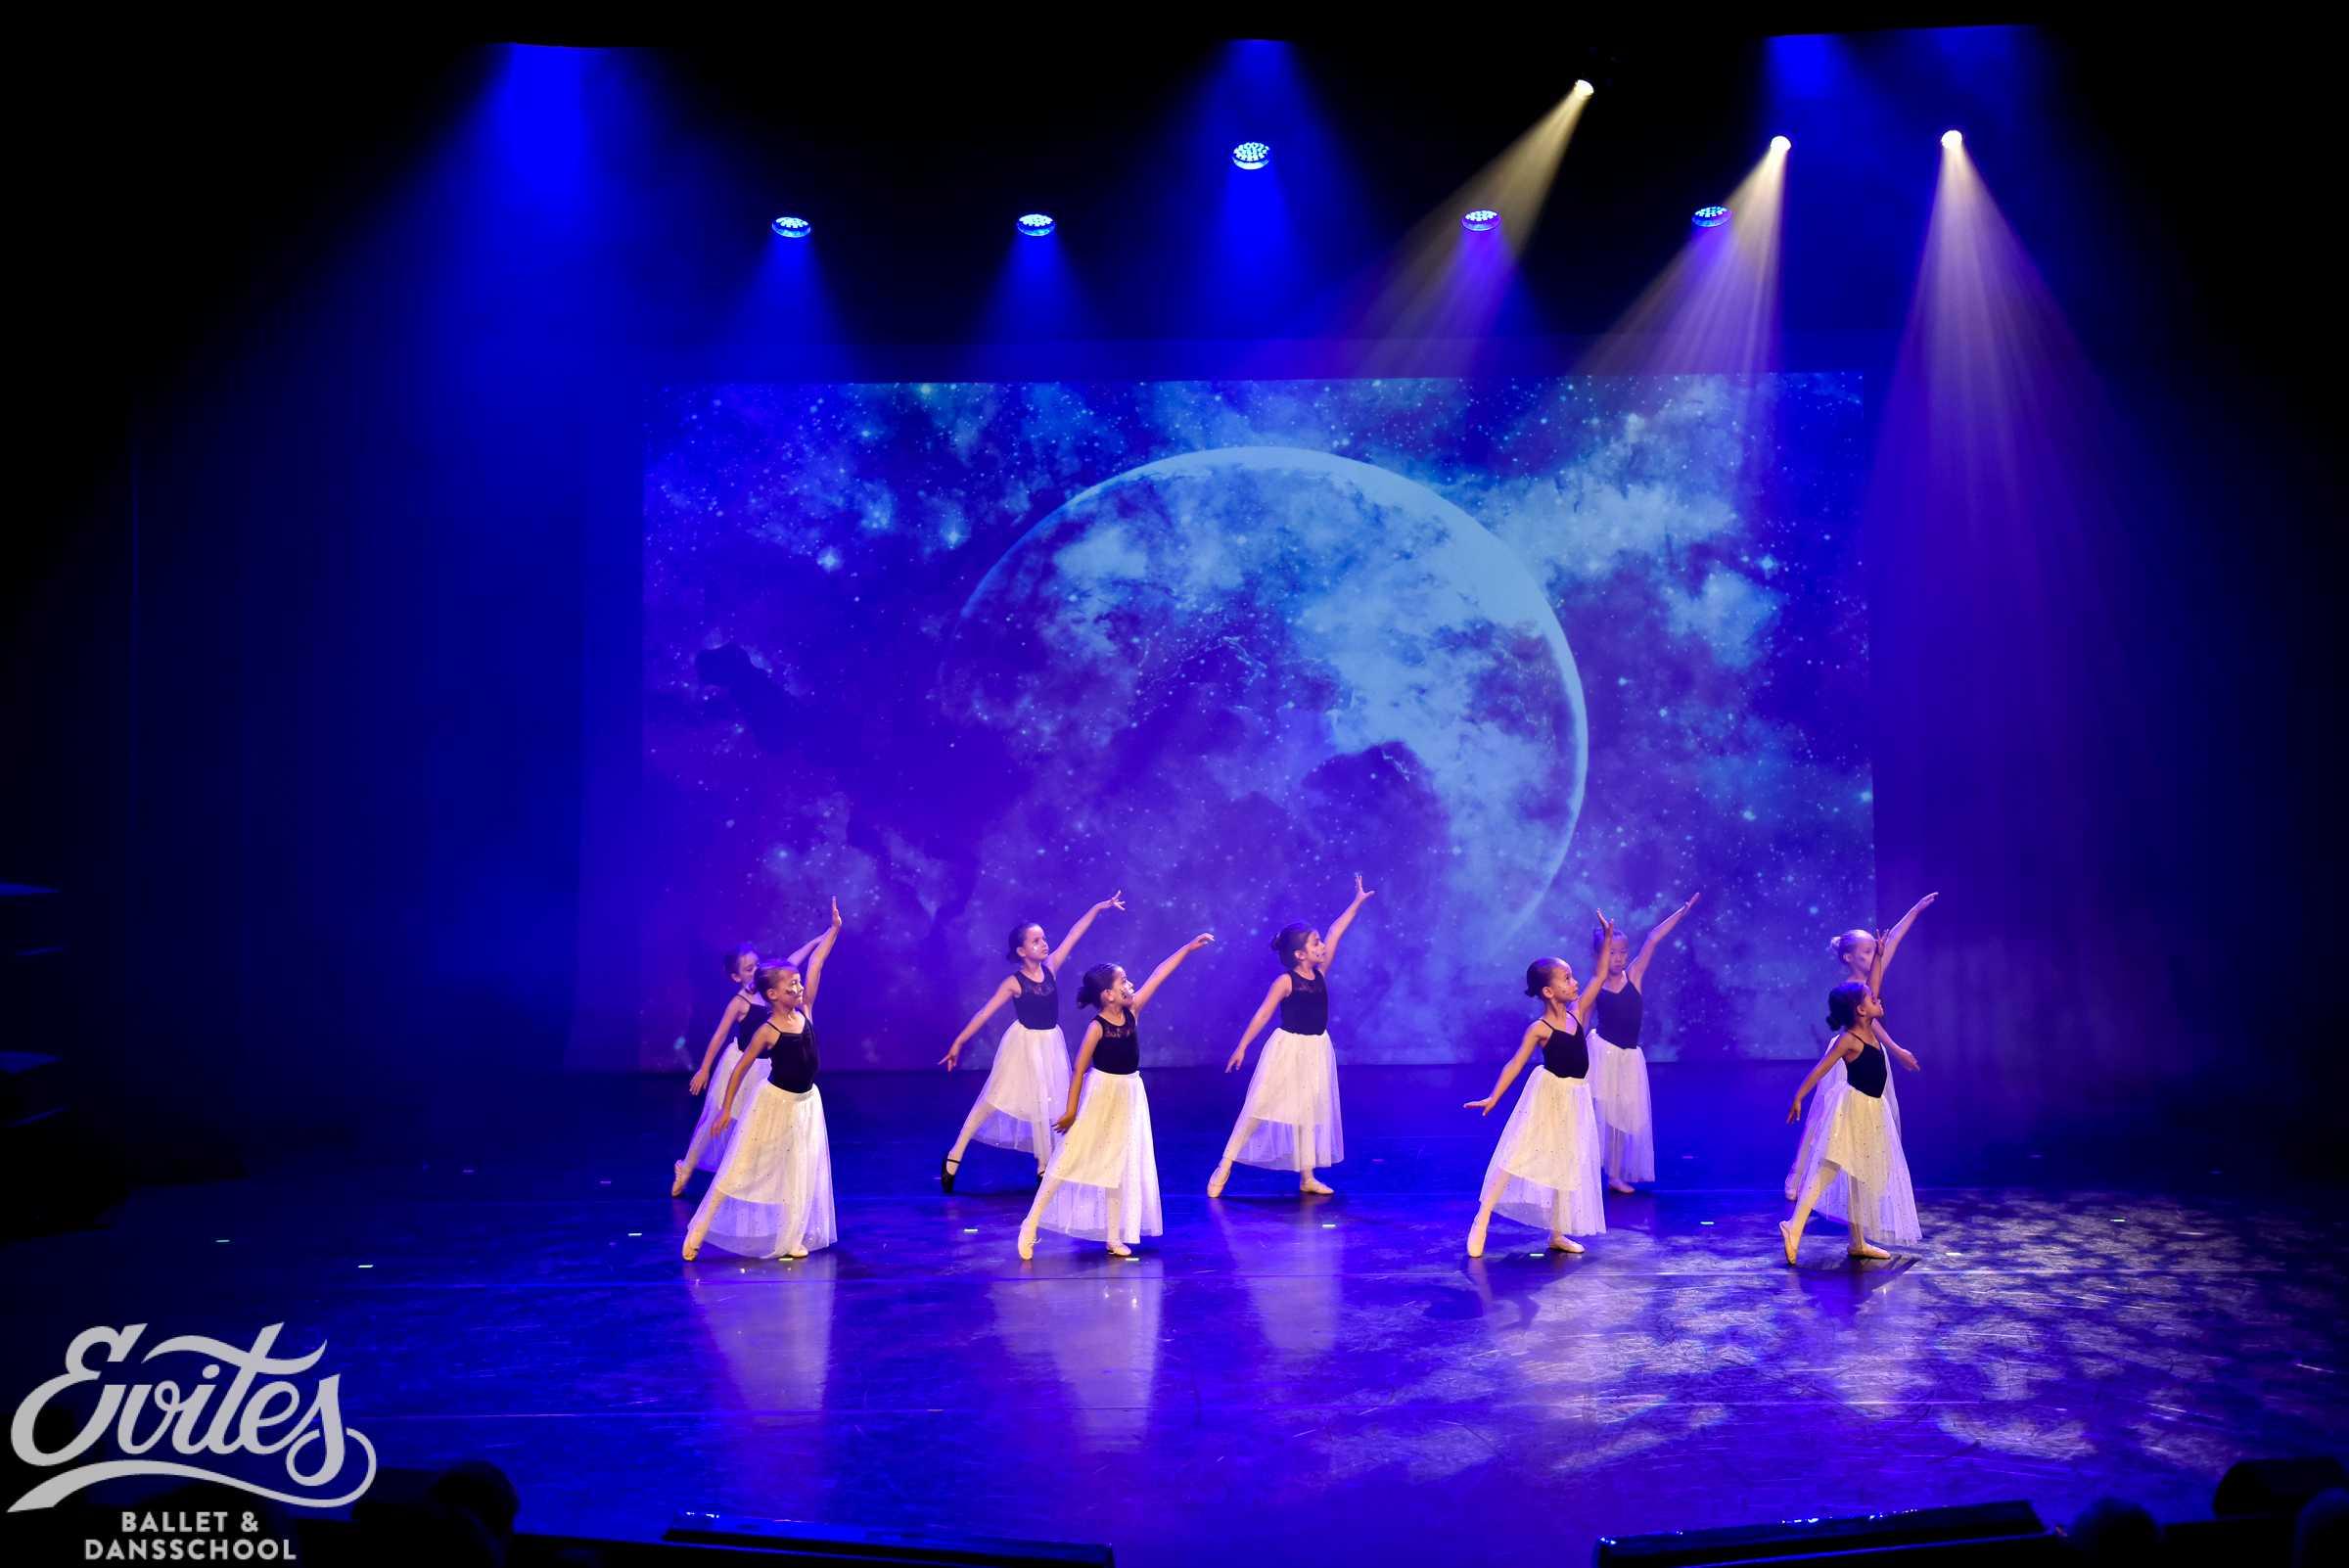 Evites-kosmos-show